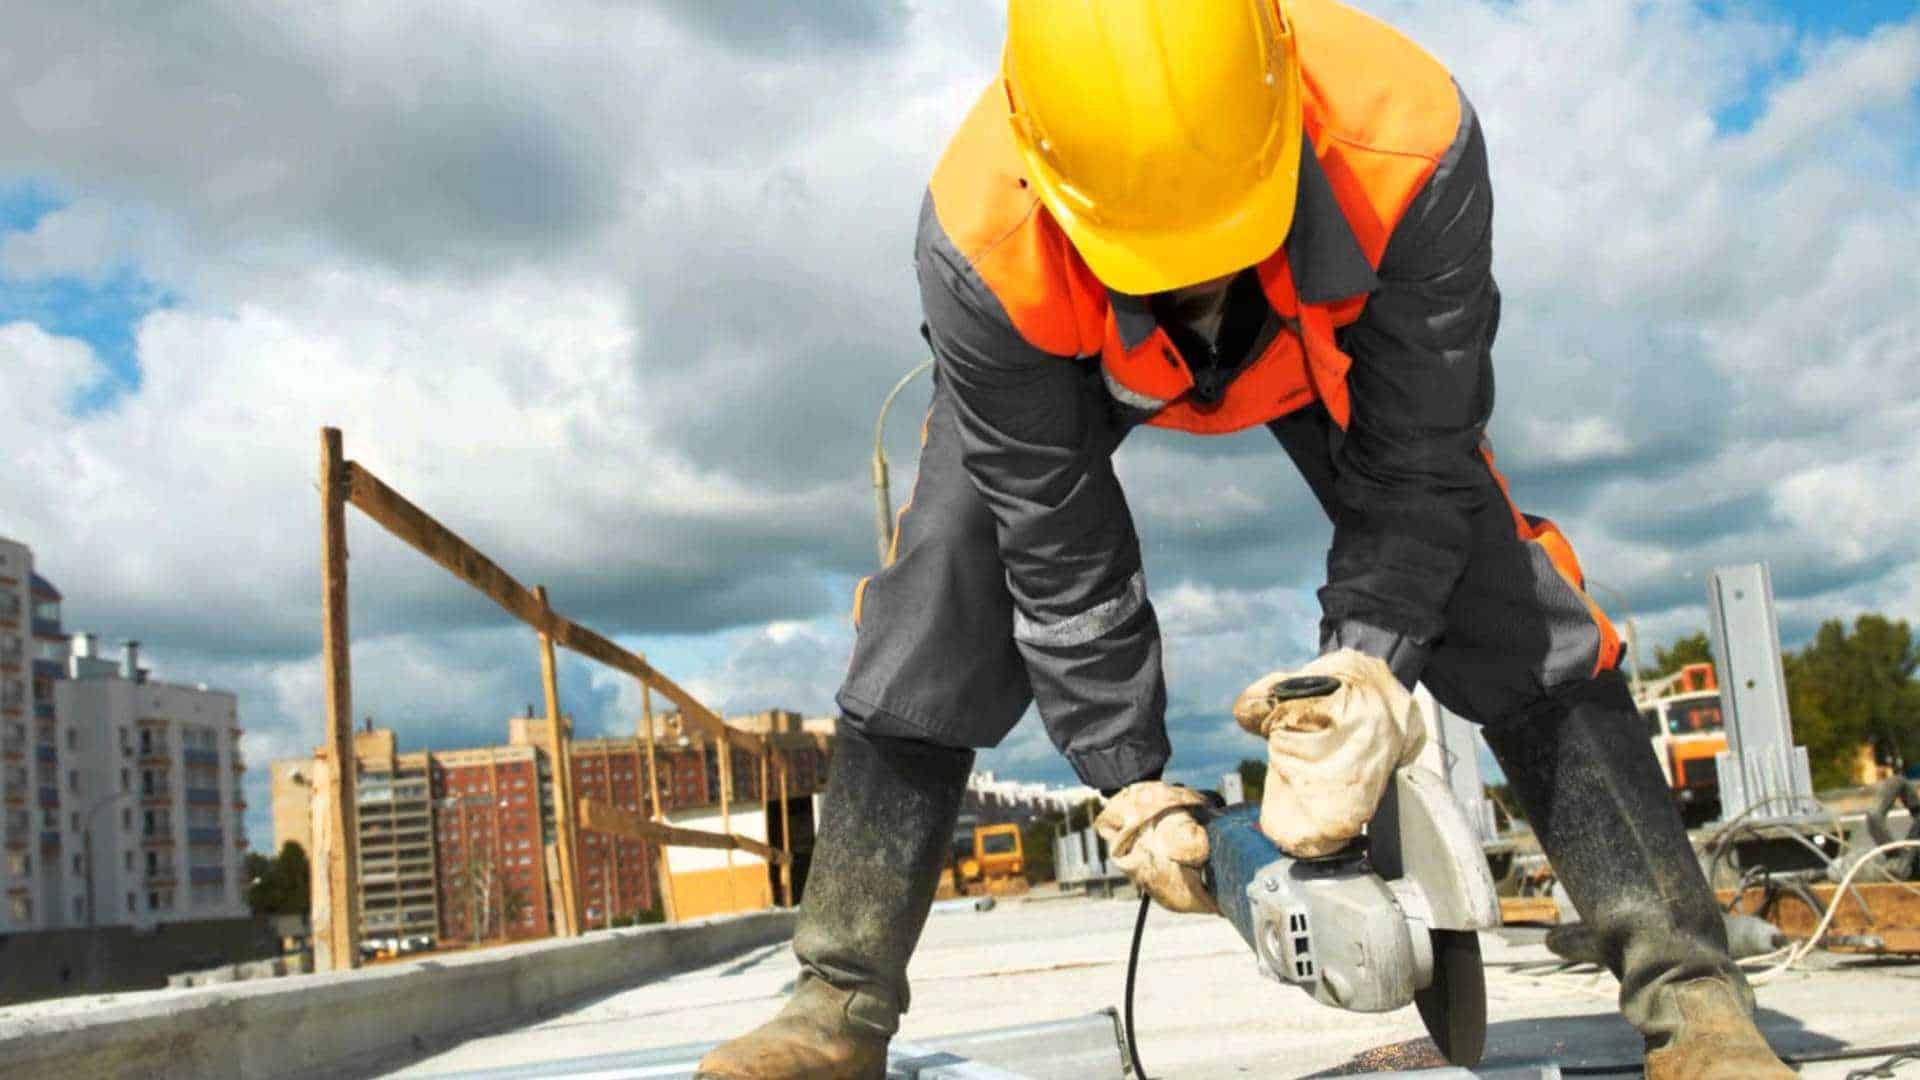 É preciso providenciar os equipamentos necessários para garantir a segurança do trabalho na construção civil.